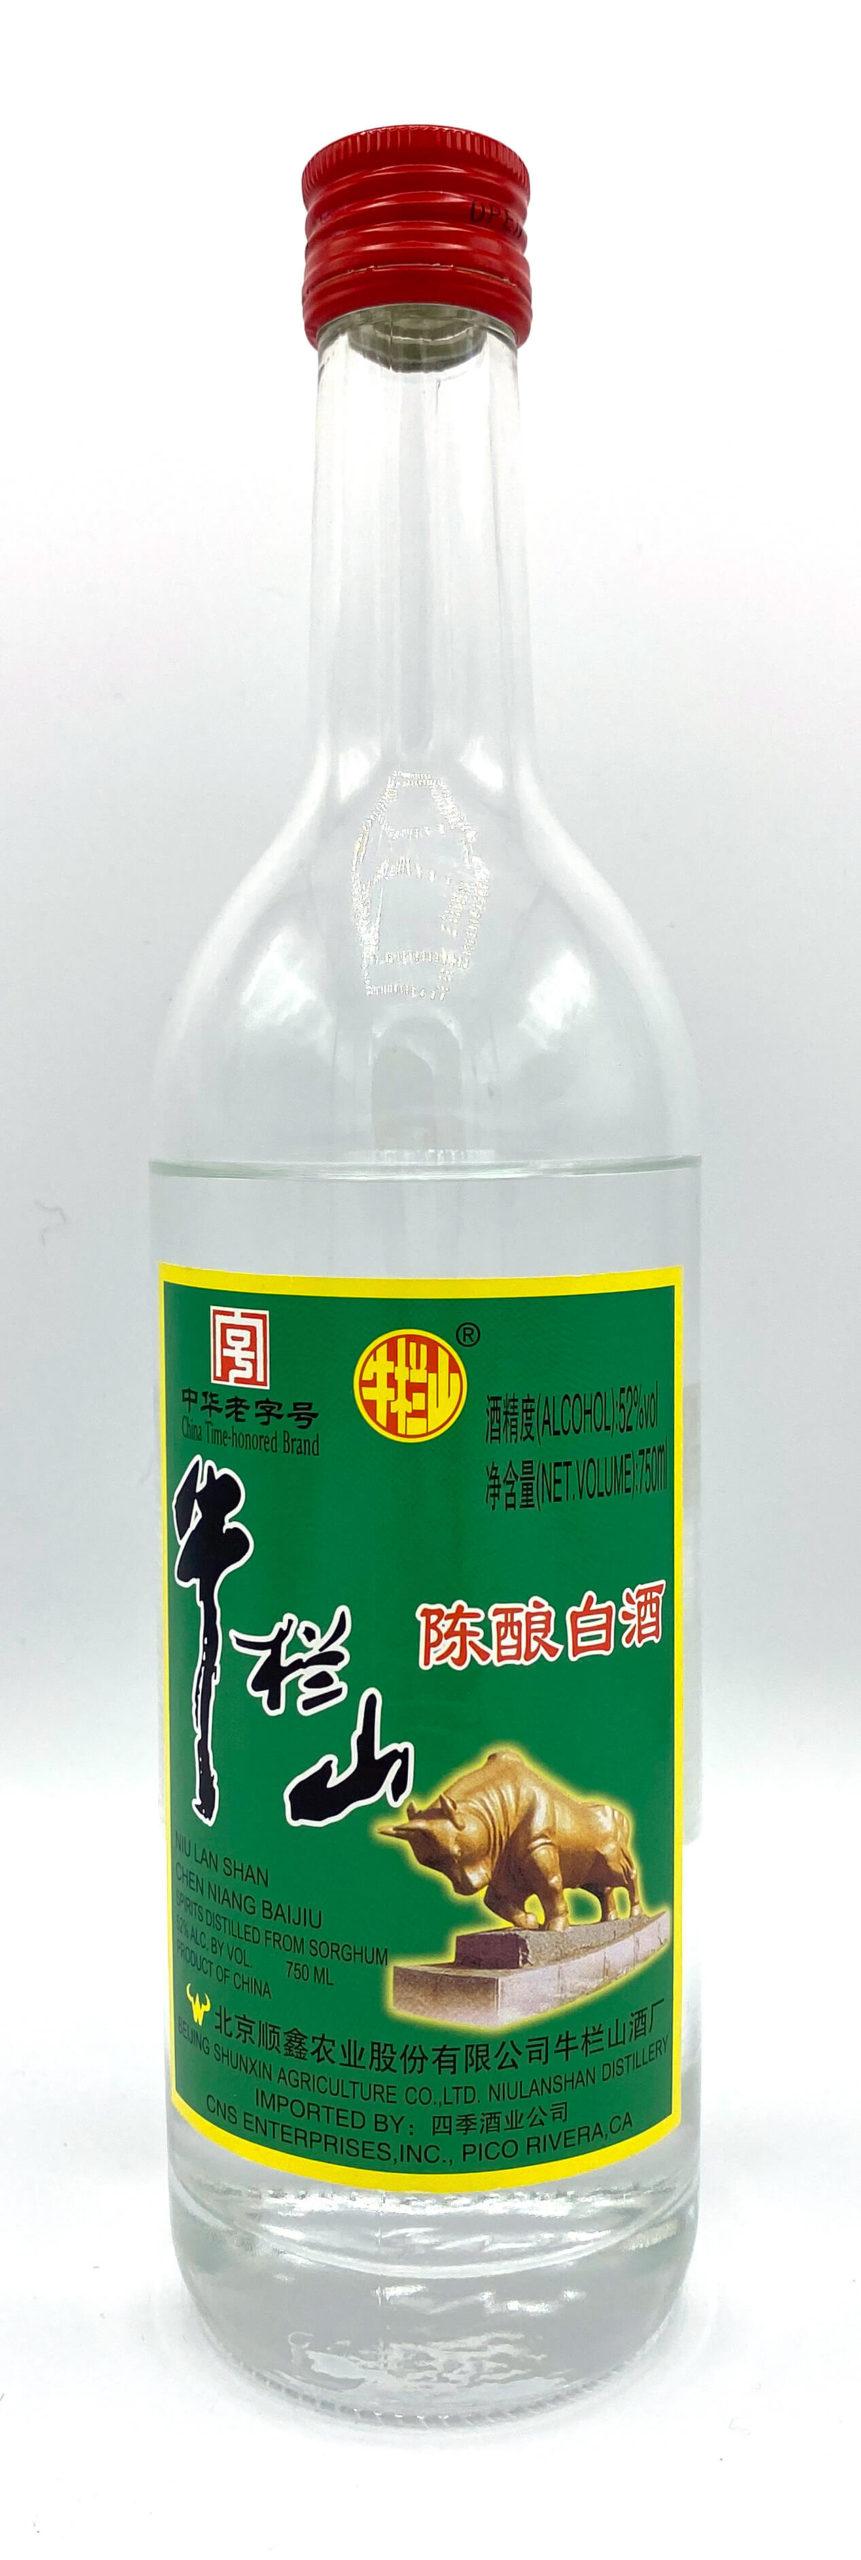 Niu Lan Shan Chen Niang Baijiu